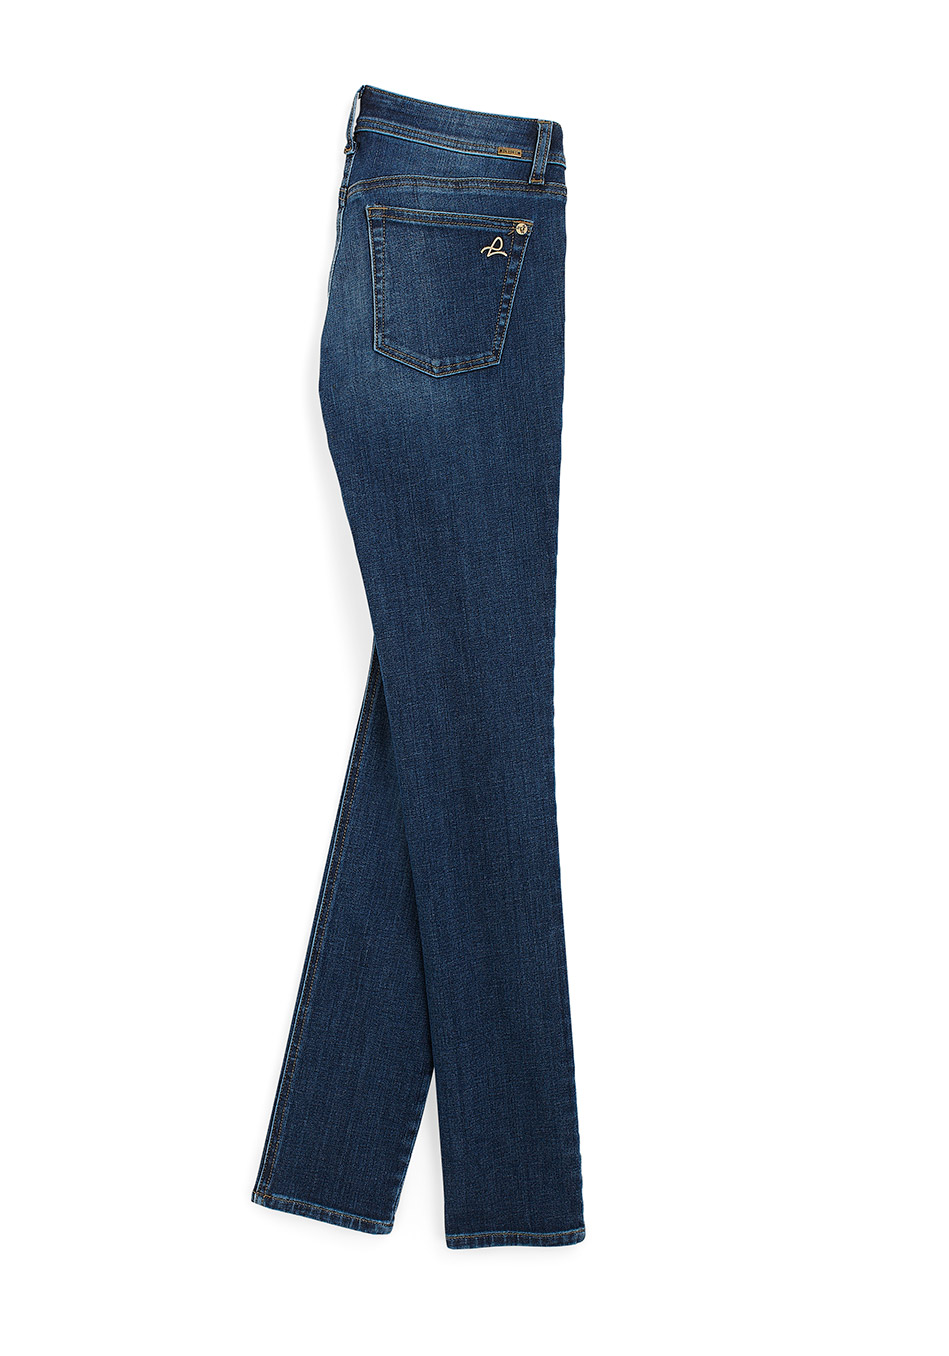 Florence Jeans –  более высокая талия скрывает не столь натренированный живот